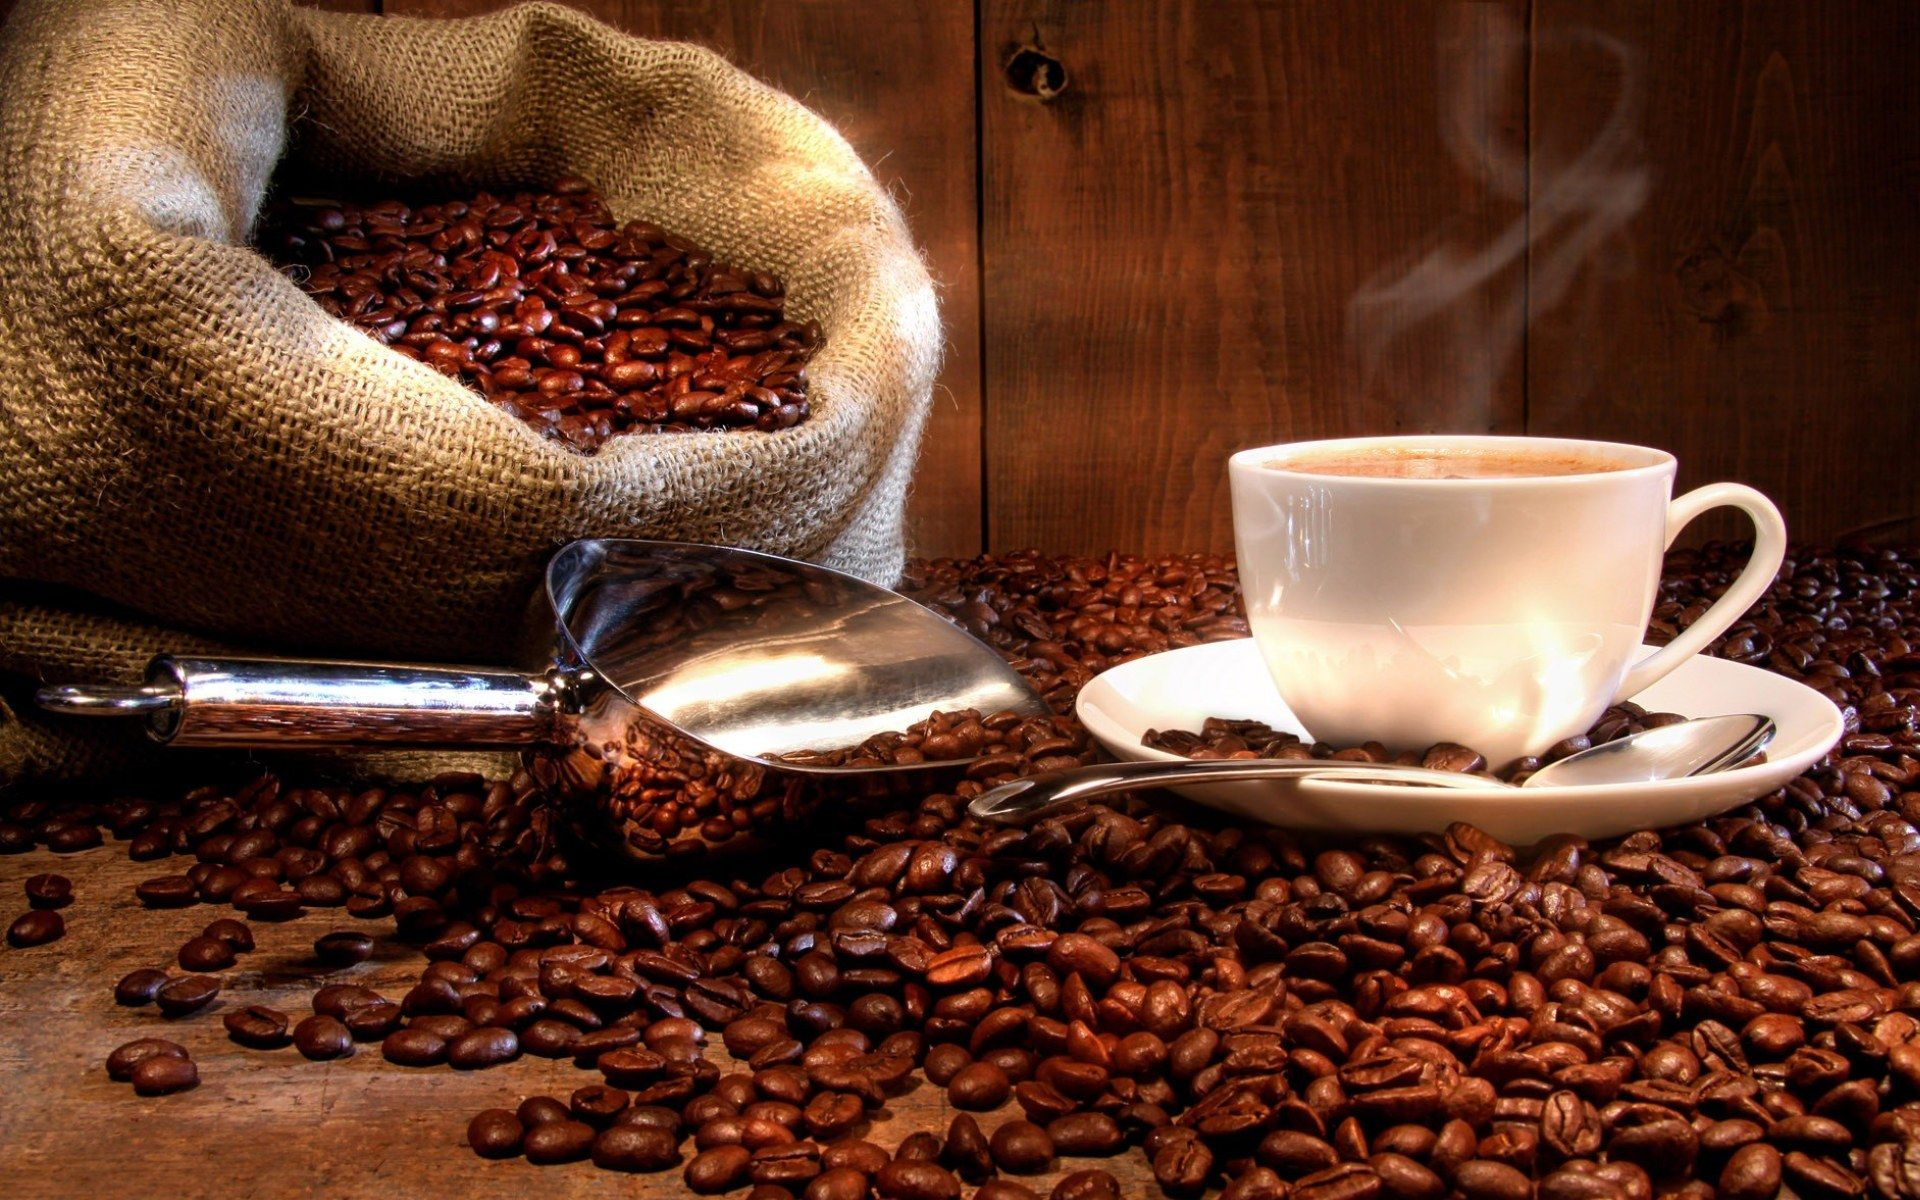 Главным ингредиентом кофе является кофеин